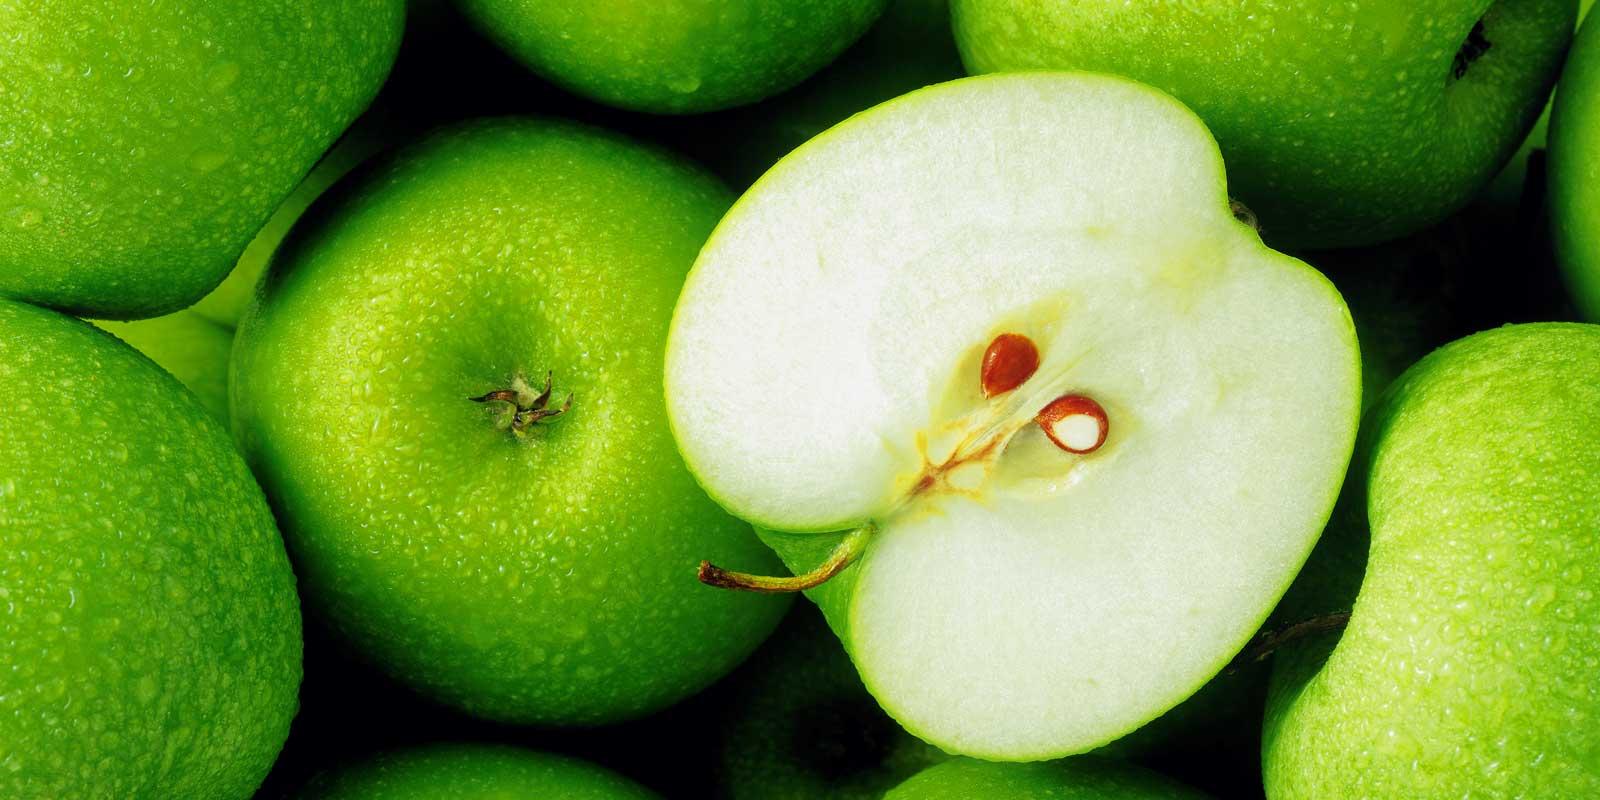 Früchte & Pürees & Fruchtprodukte Pürees, Coulies, Sorbets, Fruchtkonserven, Trockenfrüchte, Marmeladen, Konfitüren, Fruchtsäfte können Sie hier kaufen.